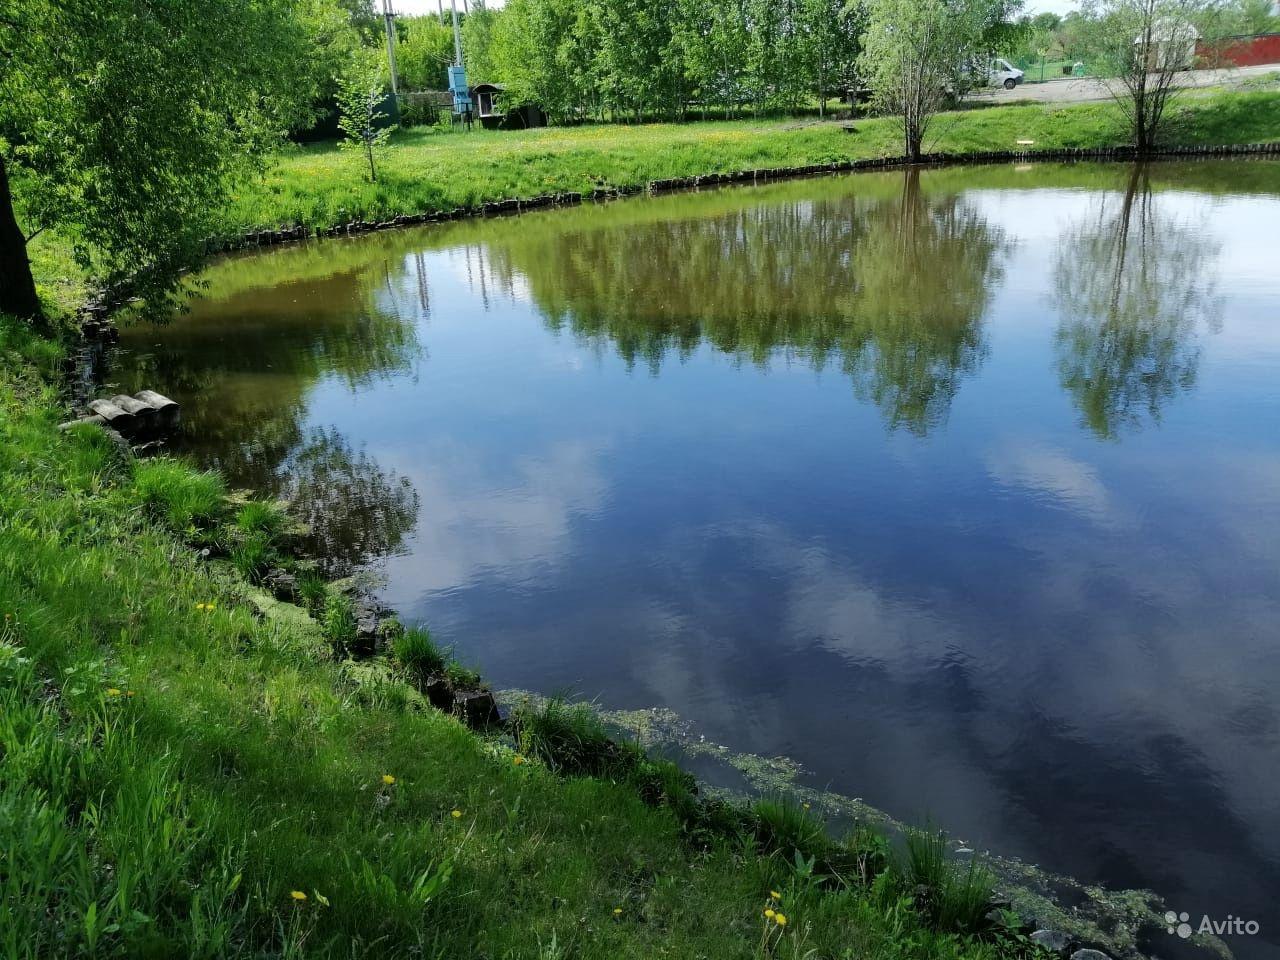 Беседка с мангалом и баня на пруду